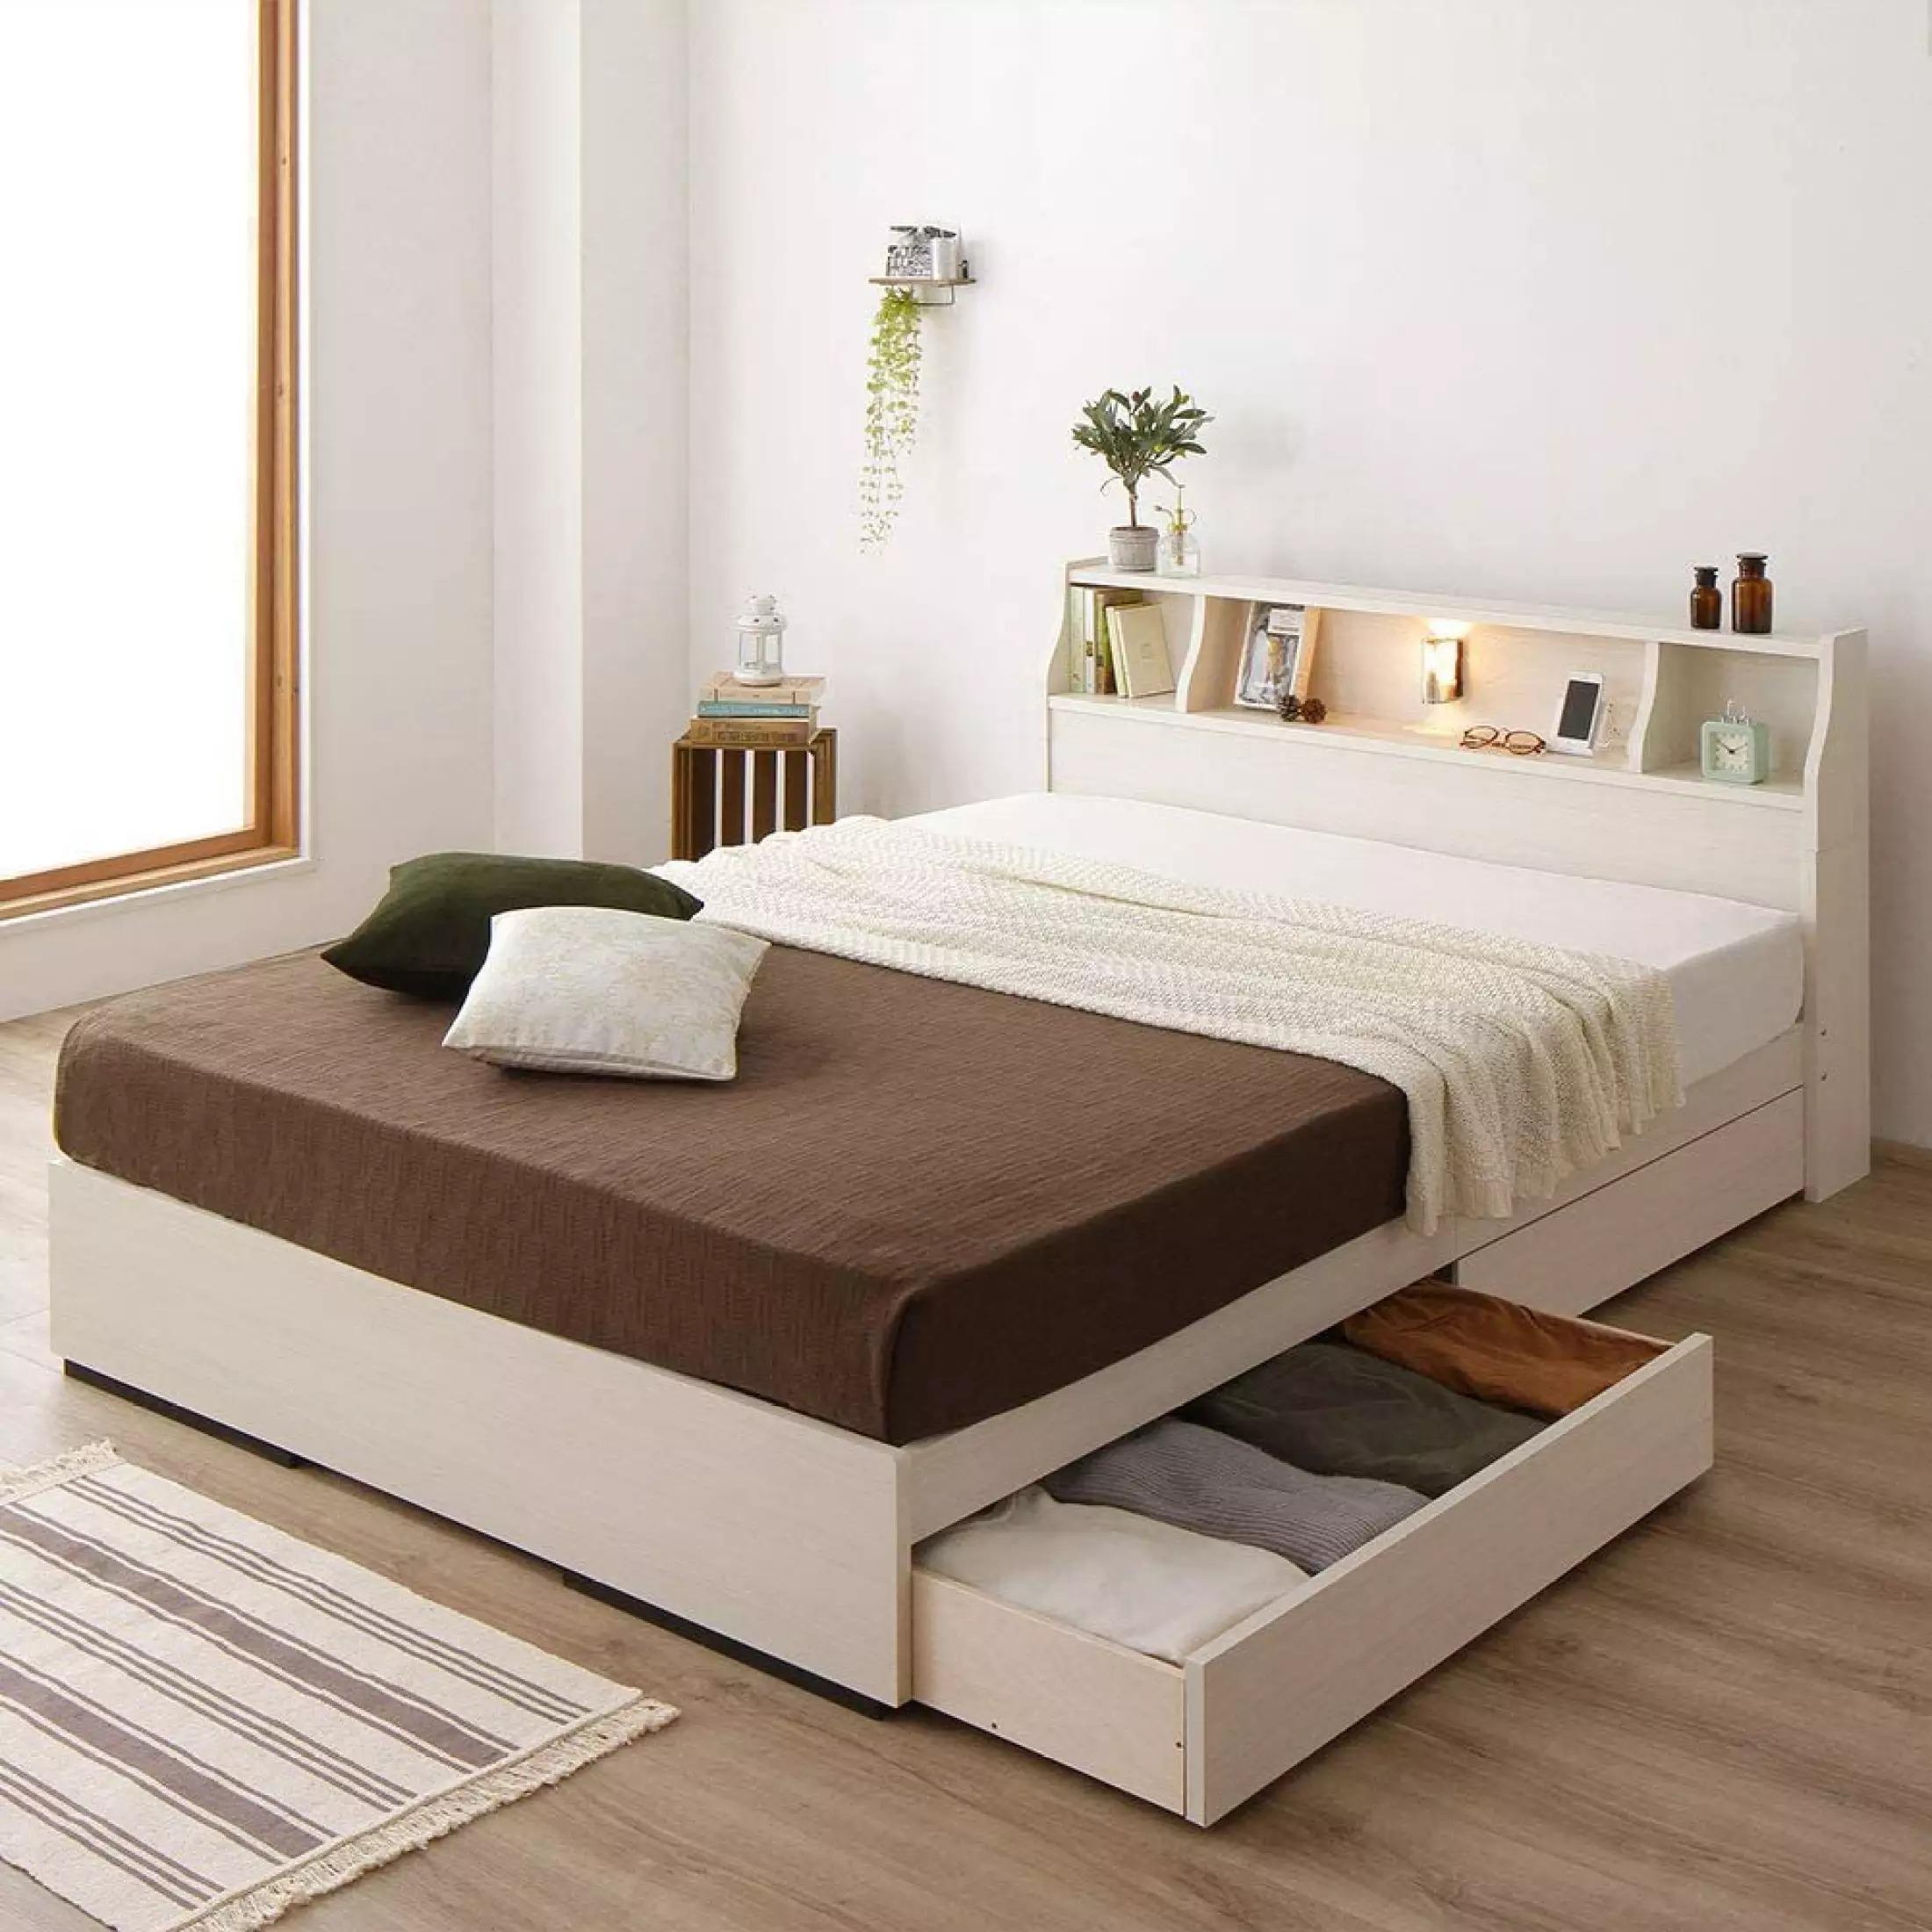 Mẫu giường ngủ bằng gỗ kết hợp kệ đầu giường và ngăn tủ chân giường hiện được nhiều gia đình trẻ ưa chuộng vì không chỉ có thiết kế trang nhã mà còn giúp tiết kiệm diện tích với các ngăn chứa rộng rãi. Giường ngủ gỗ công nghiệp Ohaha-089 làm từ gỗ MDF đạt tiêu chuẩn E1, phủ melamine chống thấm, đã qua xử lý chống cong vênh, mối mọt. Sản phẩm đi kèm hai hộc tủ, dễ dàng tháo lắp khi vận chuyển. Người dùng có thể tùy chọn hướng hộc tủ khi lắp đặt sao cho phù hợp với nơi đặt giường. Kích thước đệm chuẩn 1,4 m x 2 m.